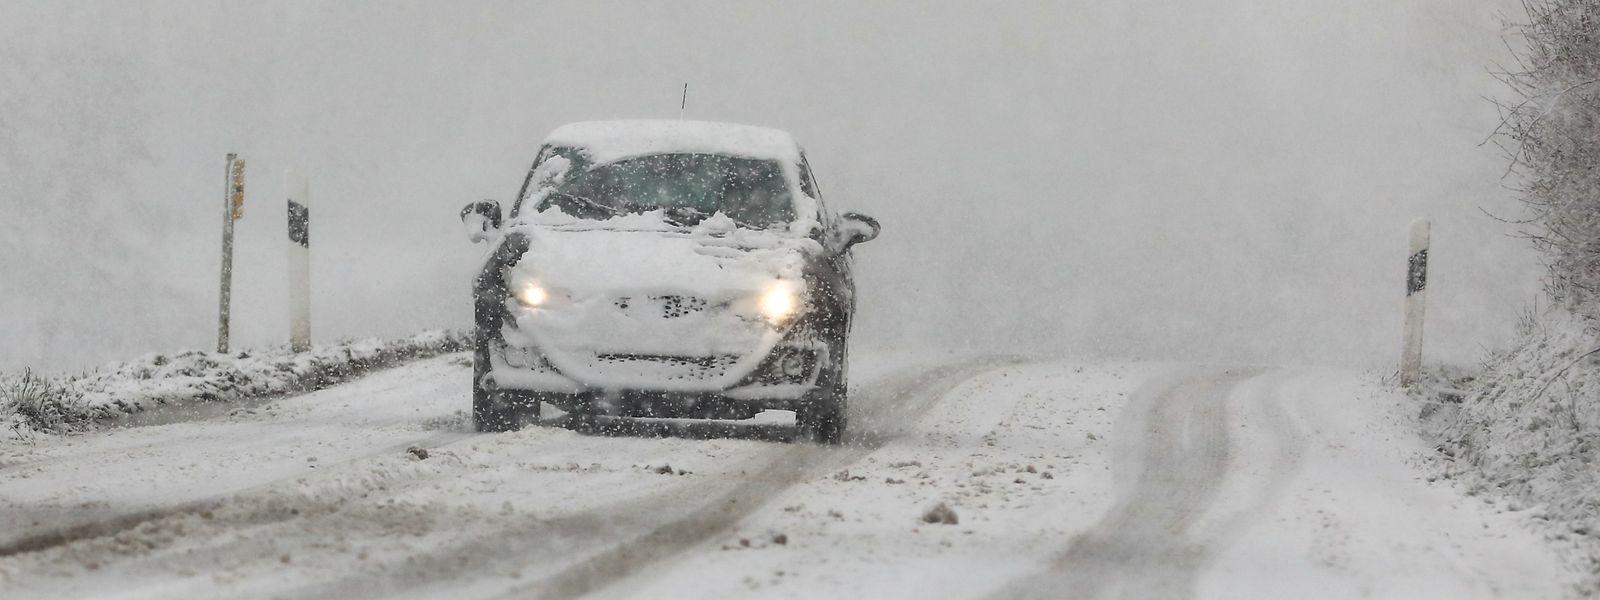 La neige a provoqué d'importants soucis de circulation. Plus de 50 accidents ont été répertoriés par la police.